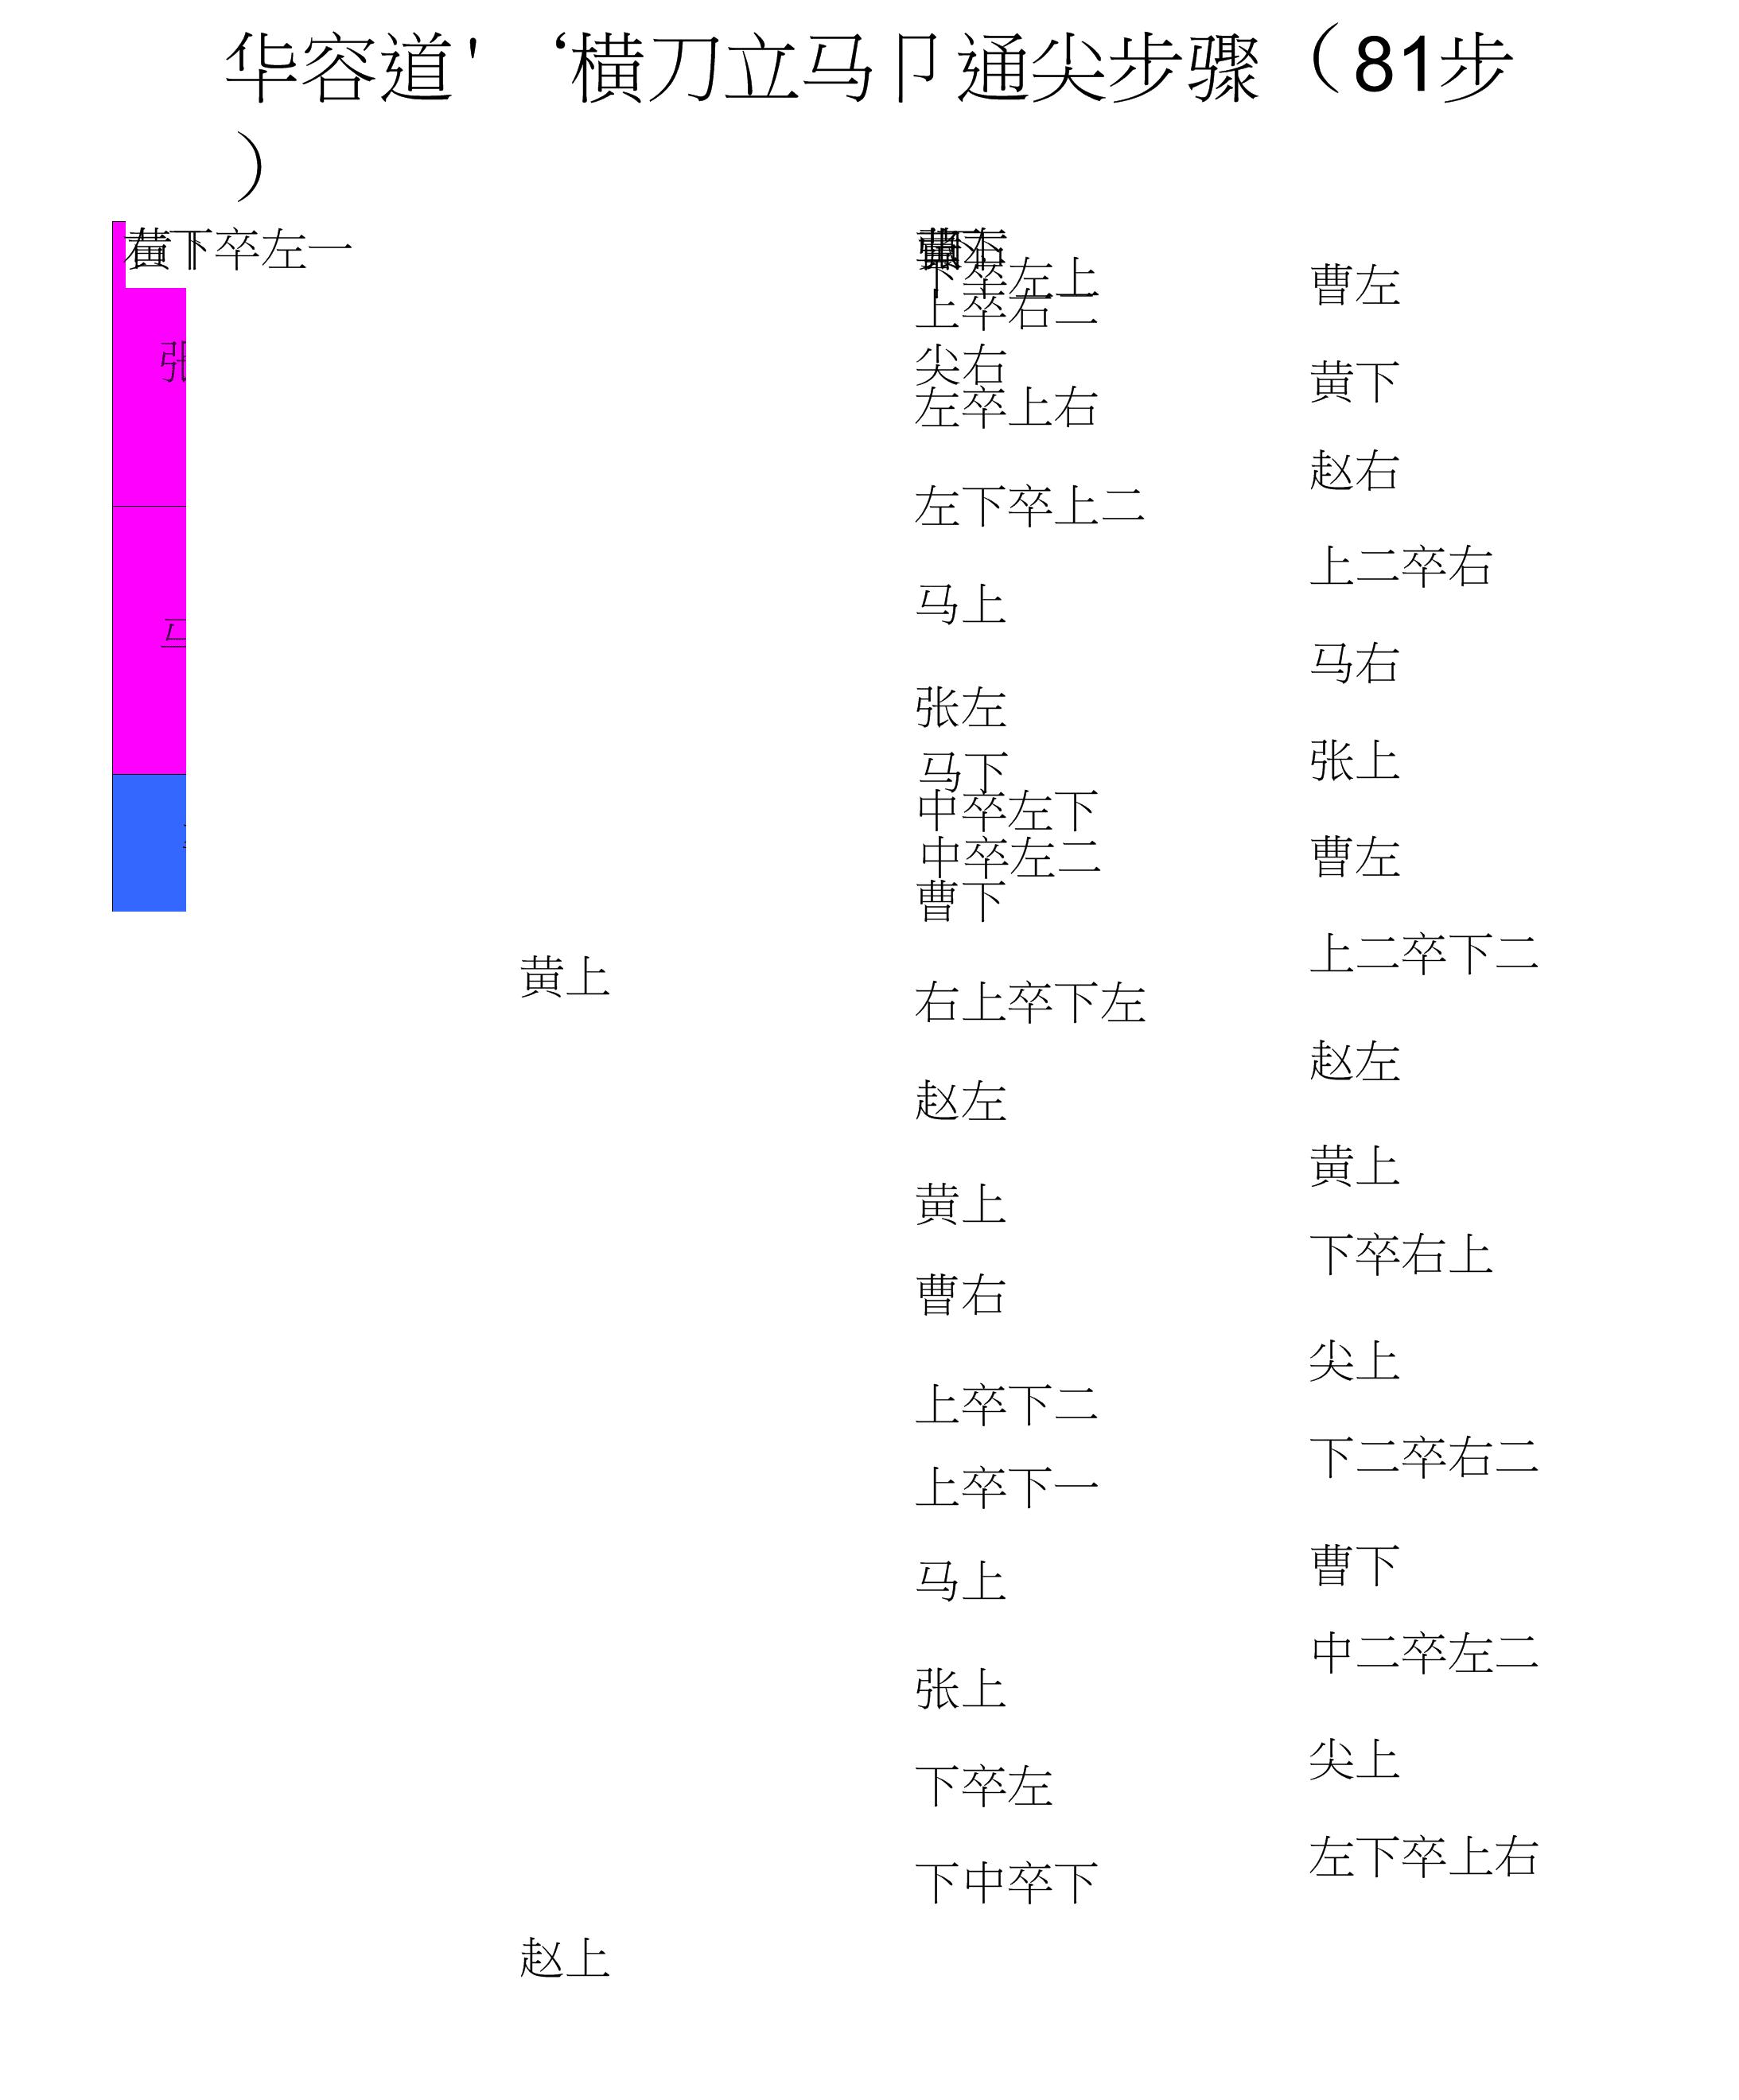 华容道解法(带图案详解超完整编辑直接整理编辑效果).docx